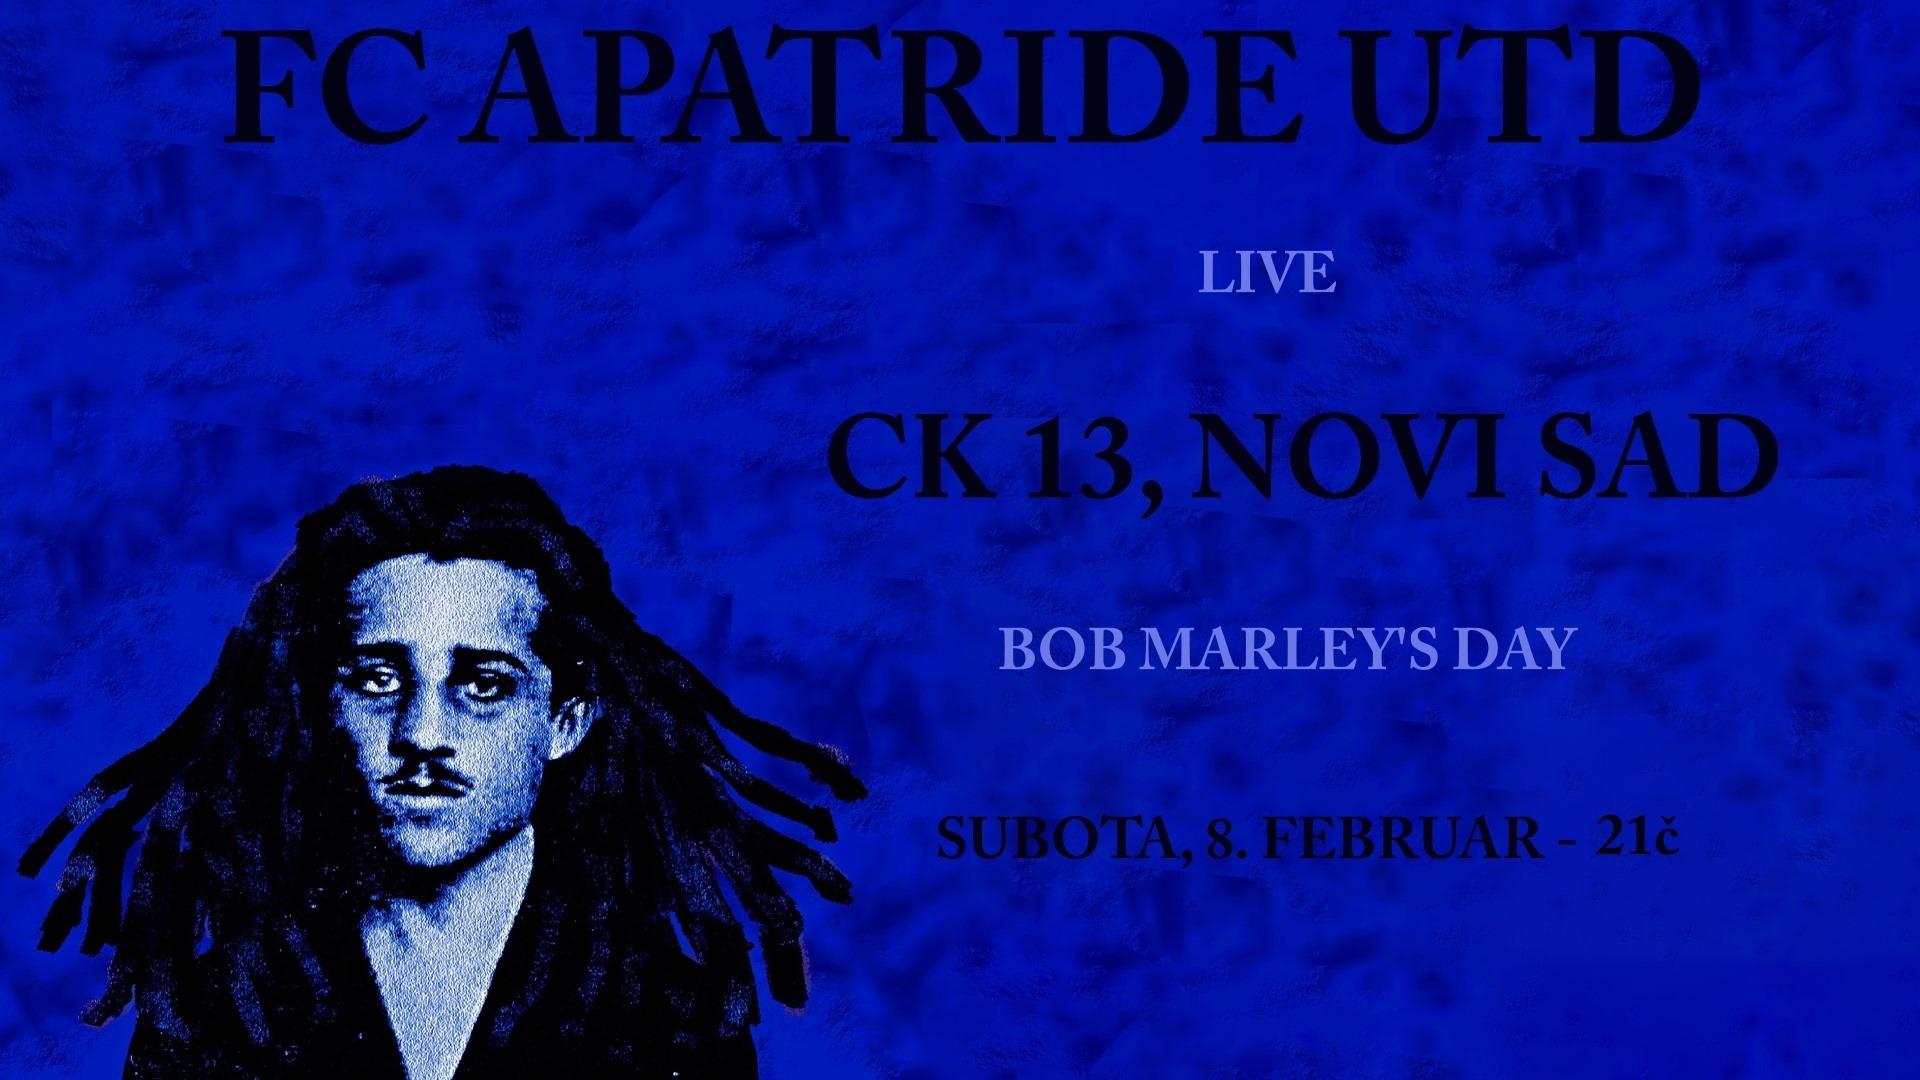 FC Apatride UTD